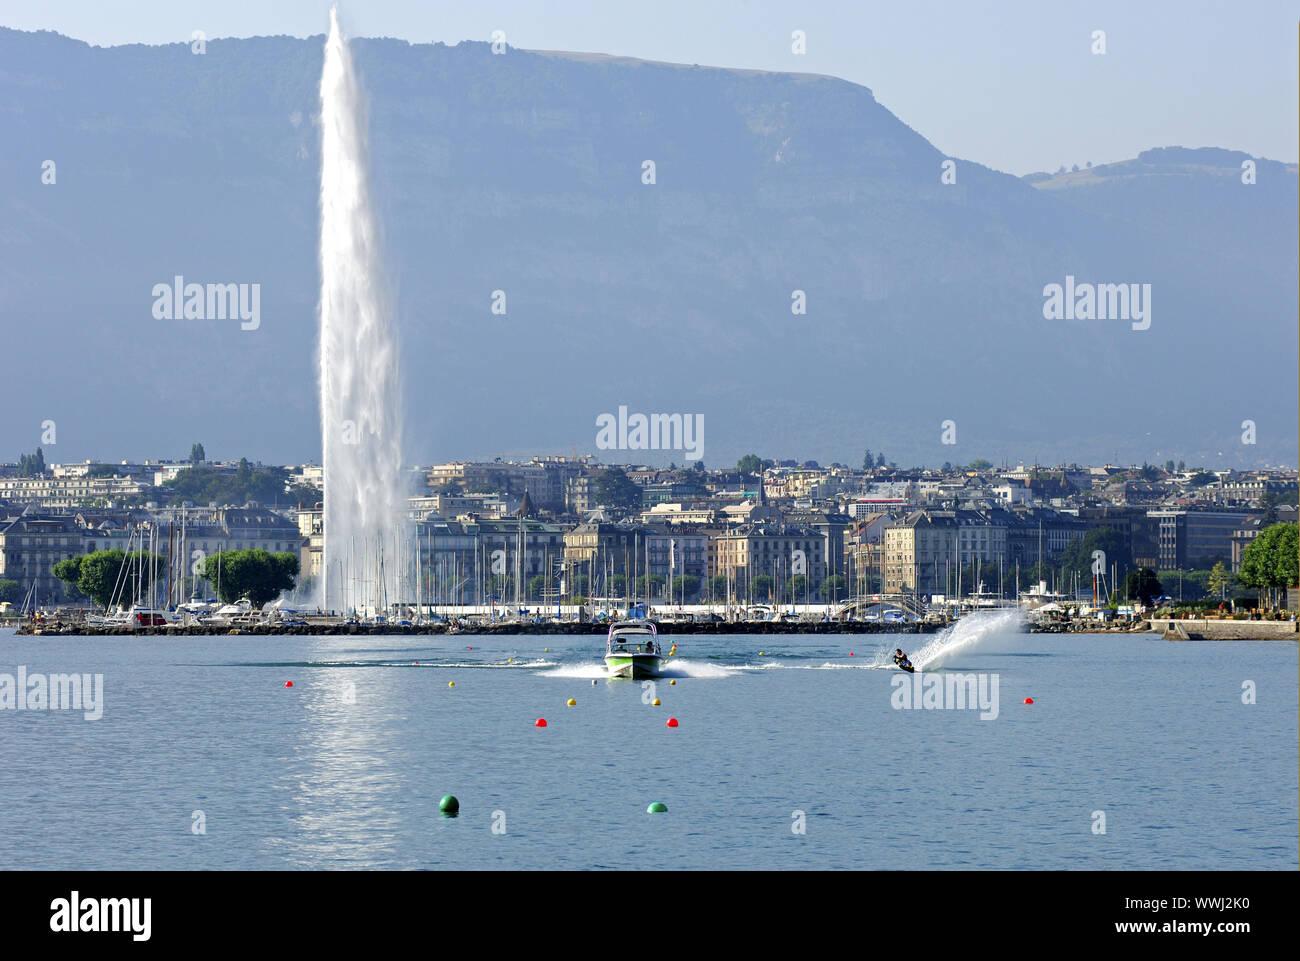 Wasserski vor der Jet d'Eau, Genf Stockfoto